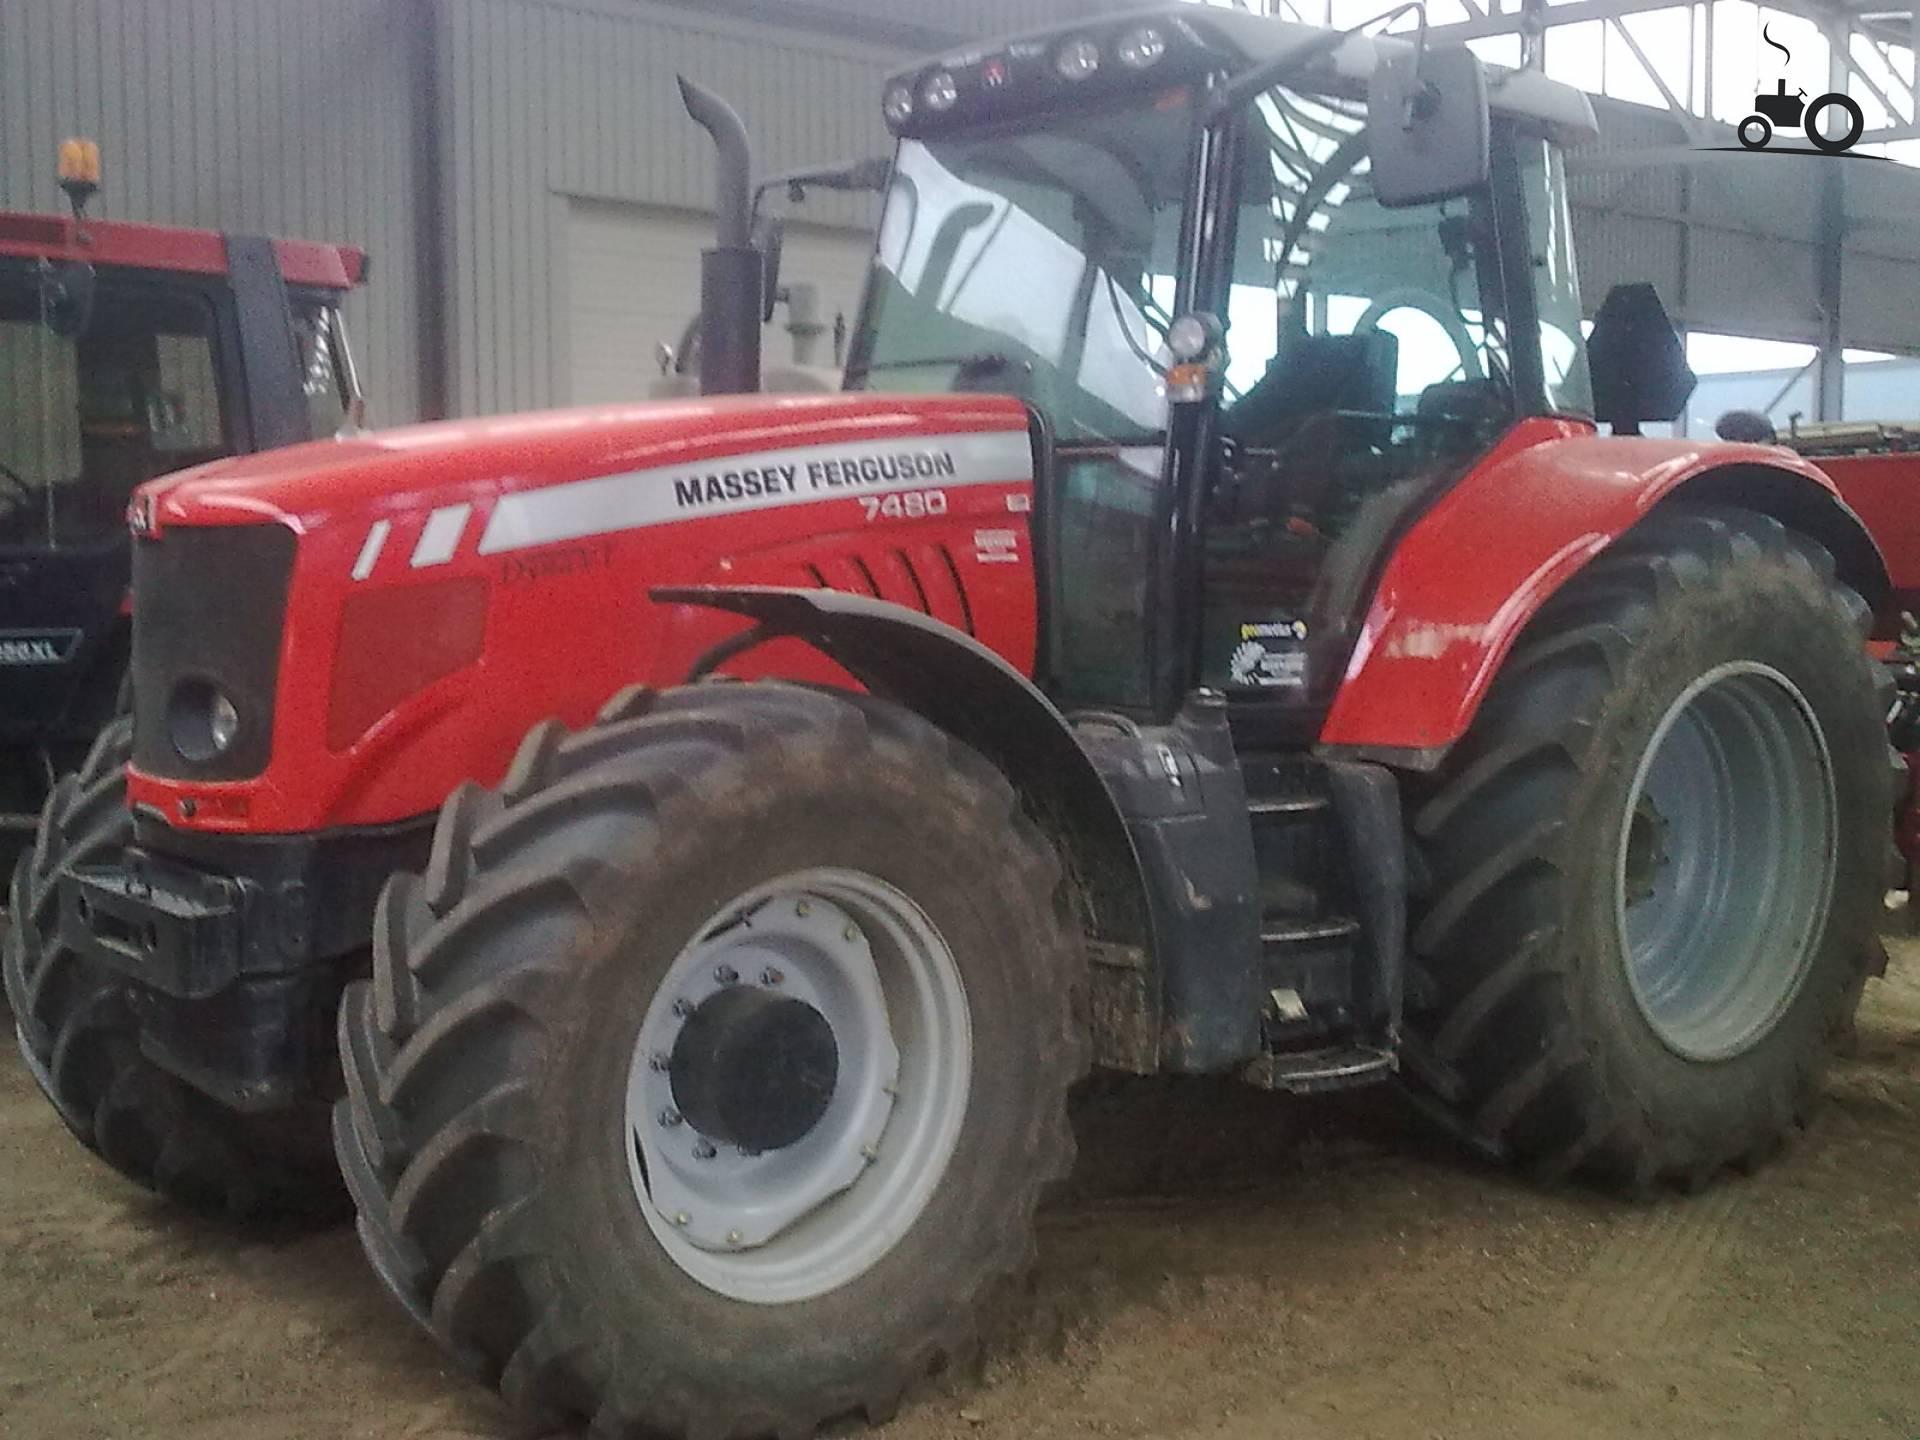 El juego de las imagenes-http://pictures.tractorfan.nl/groot/m/massey-ferguson/366626-7480-massey-ferguson.jpg